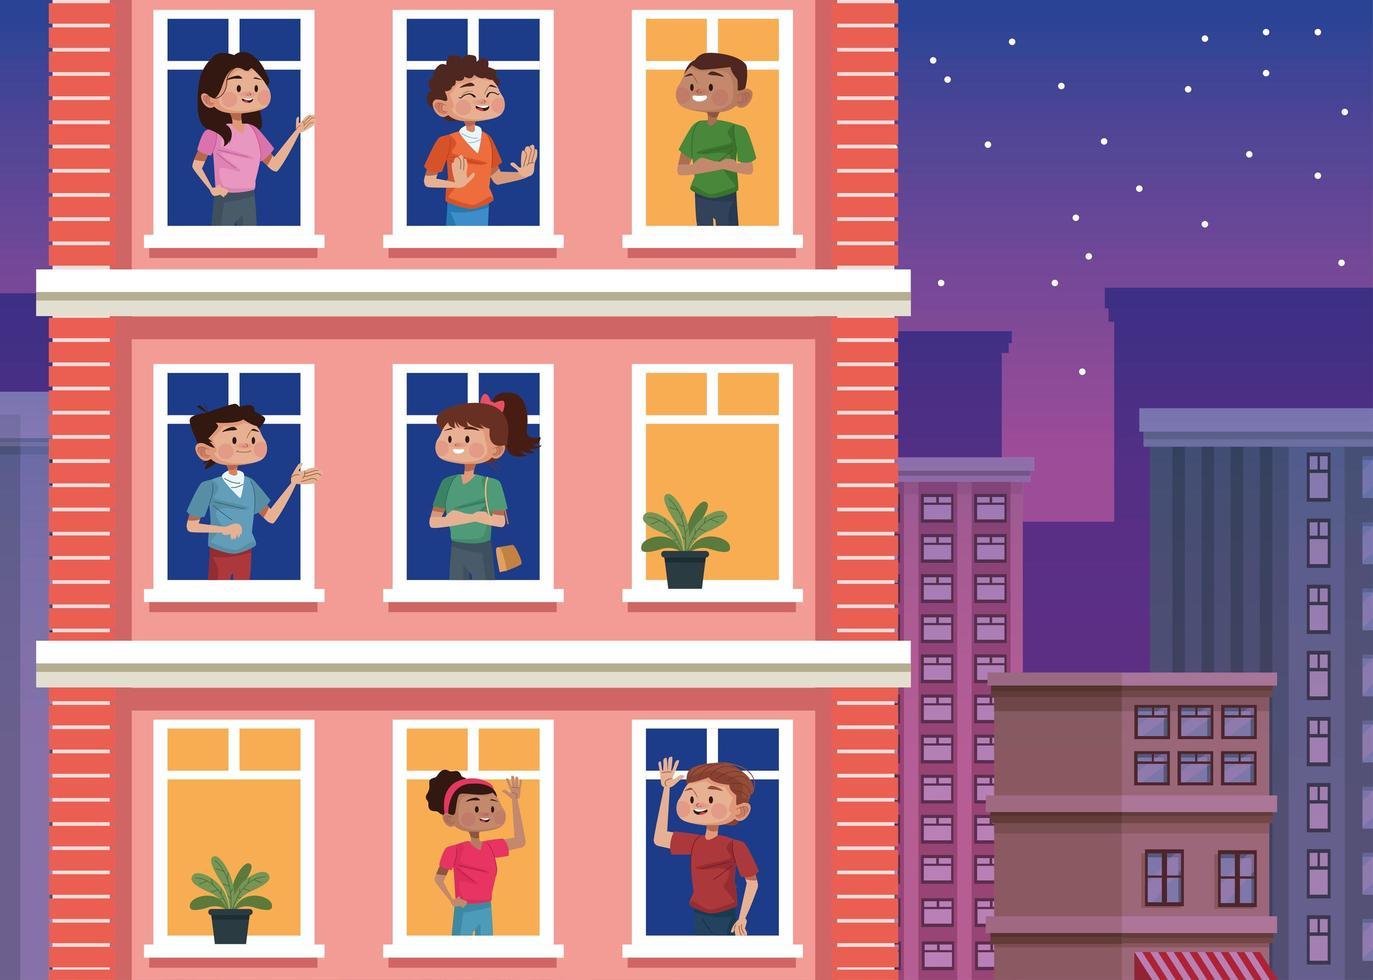 jovens ficam em casa em janelas de edifícios vetor